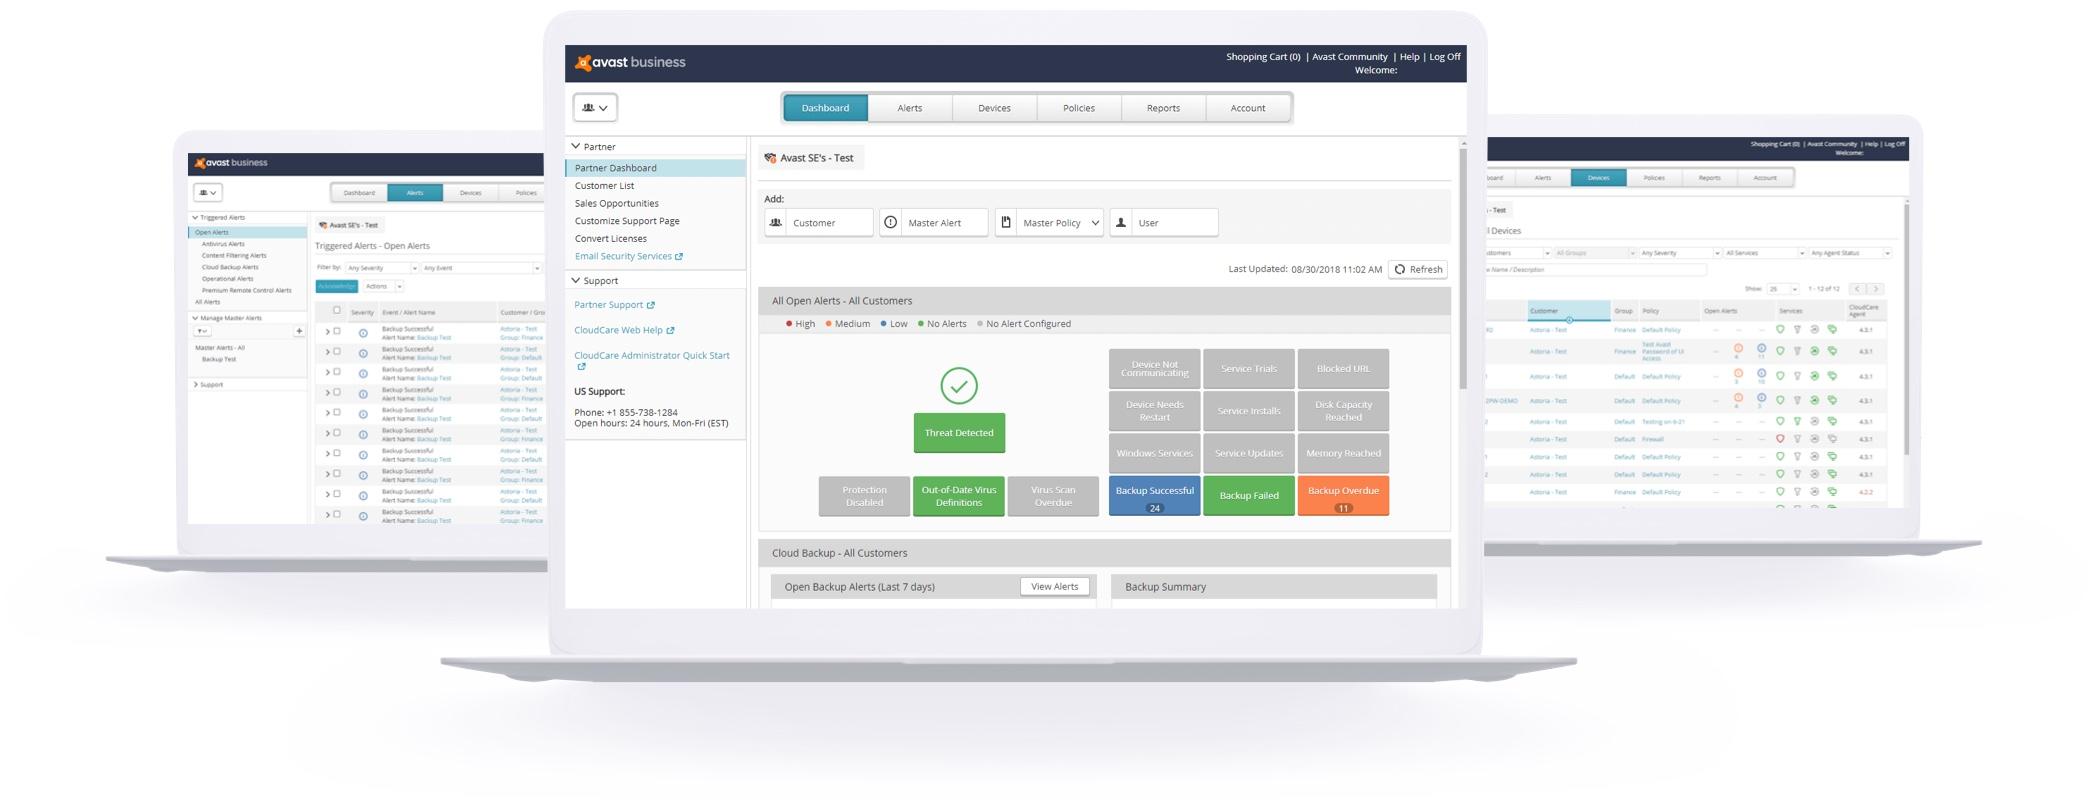 CloudCare giver dig et komplet sæt af sikkerhedstjenester.